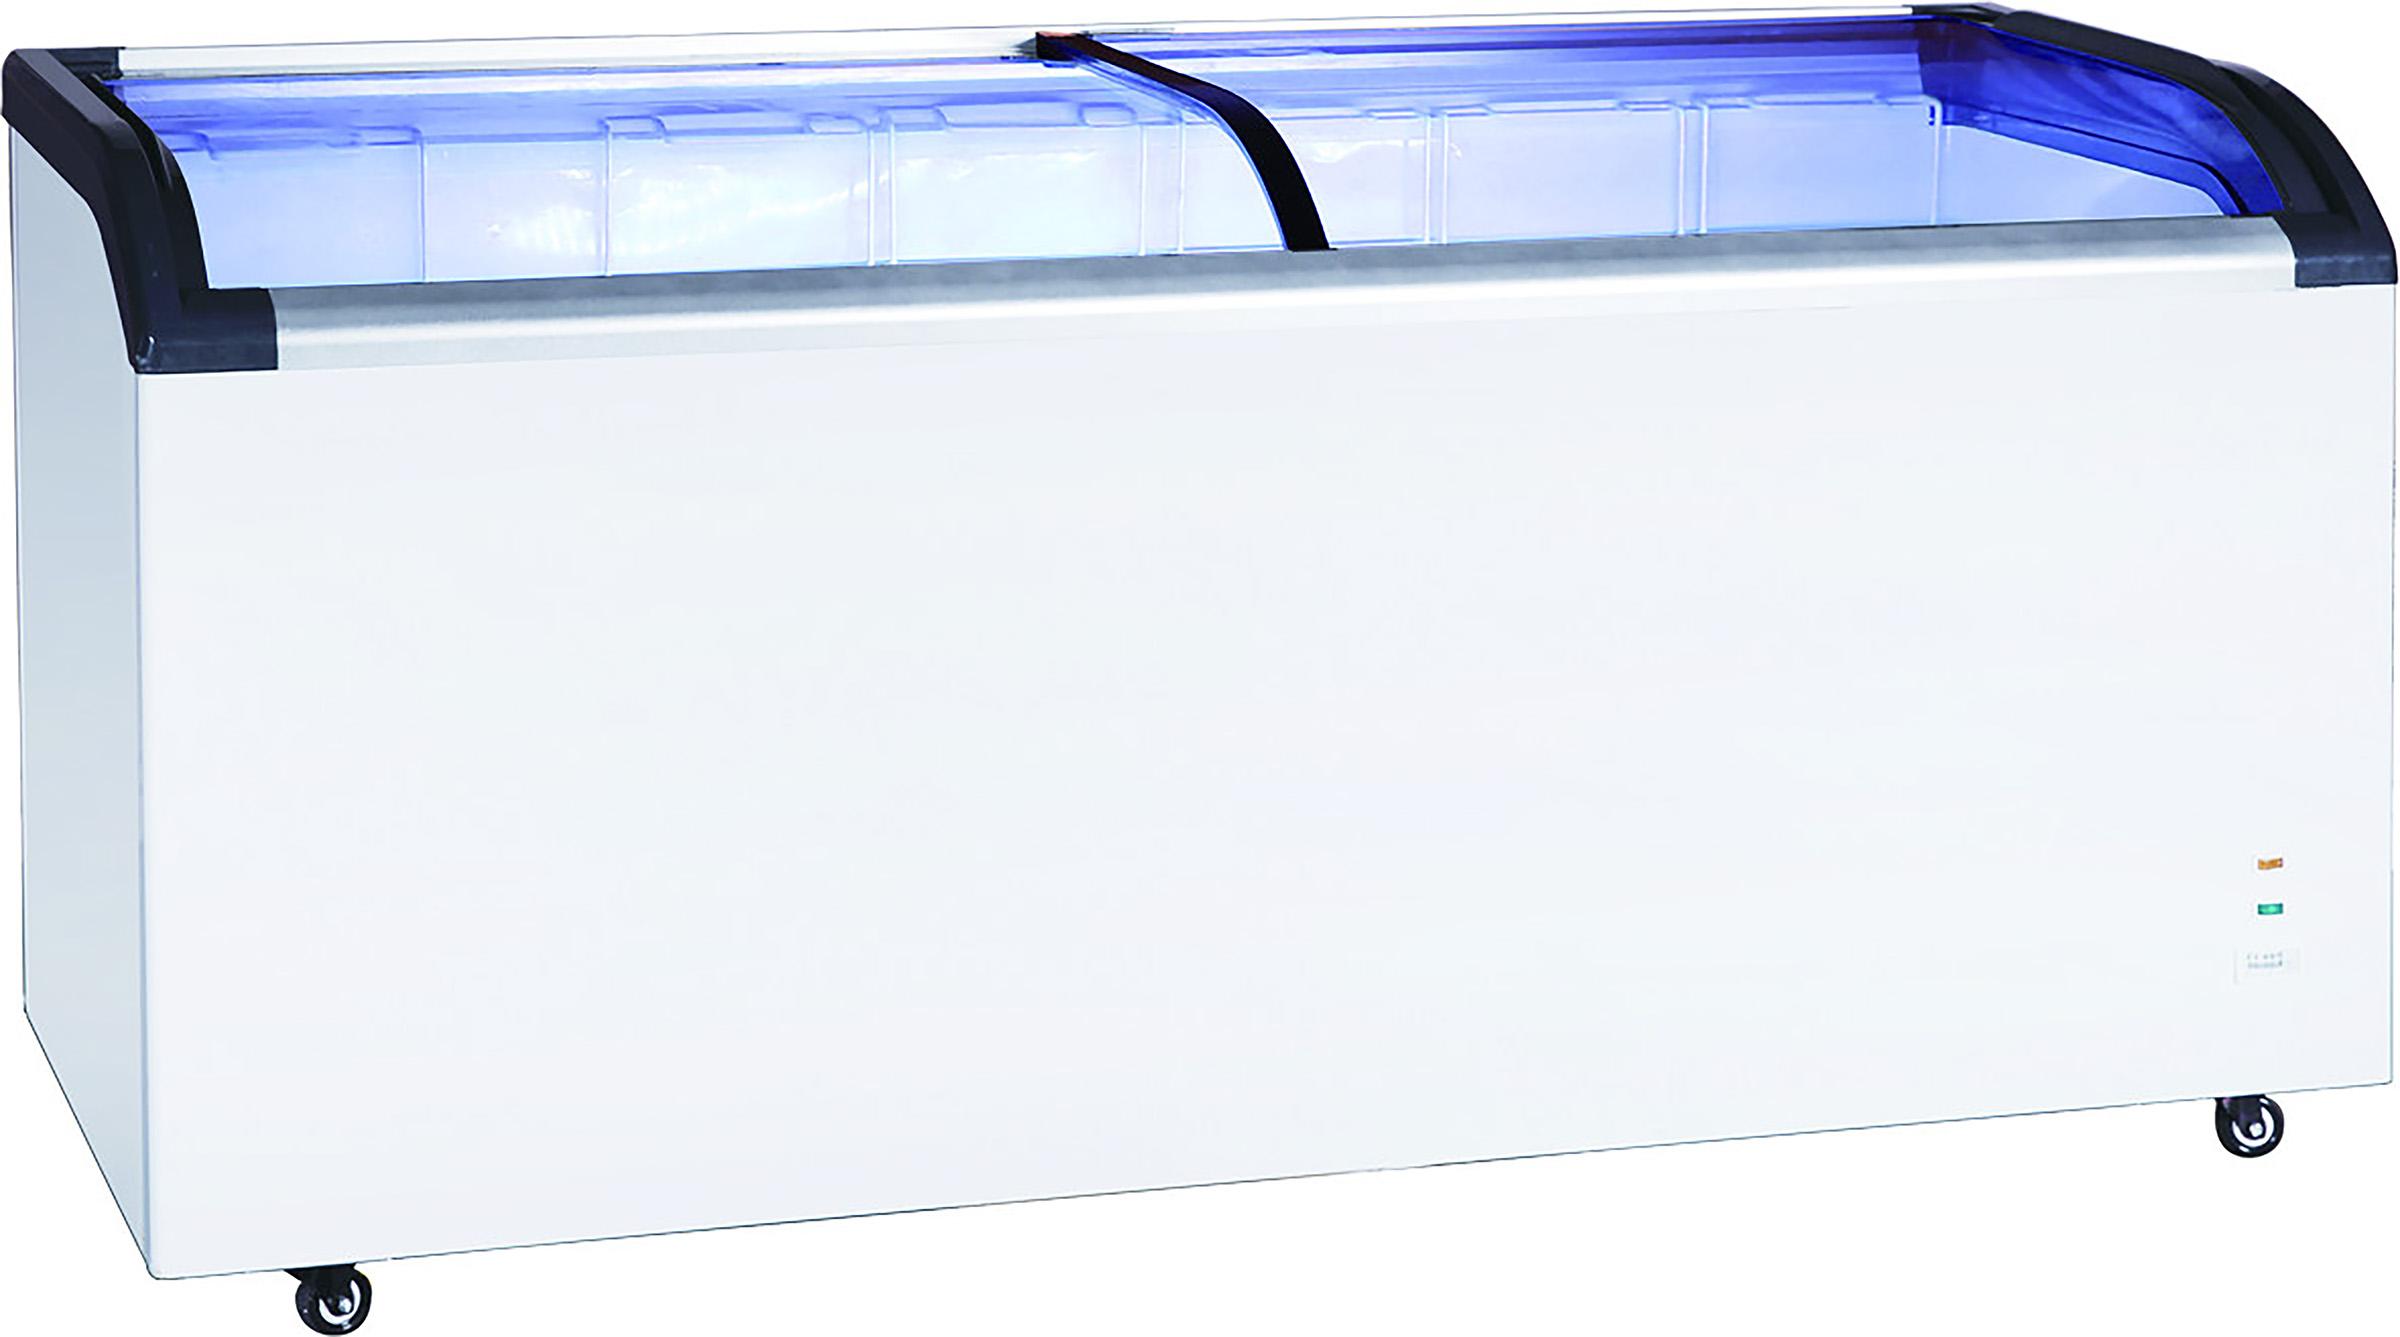 Adcraft (Admiral Craft Equipment) BDCF-15-CG chest freezer